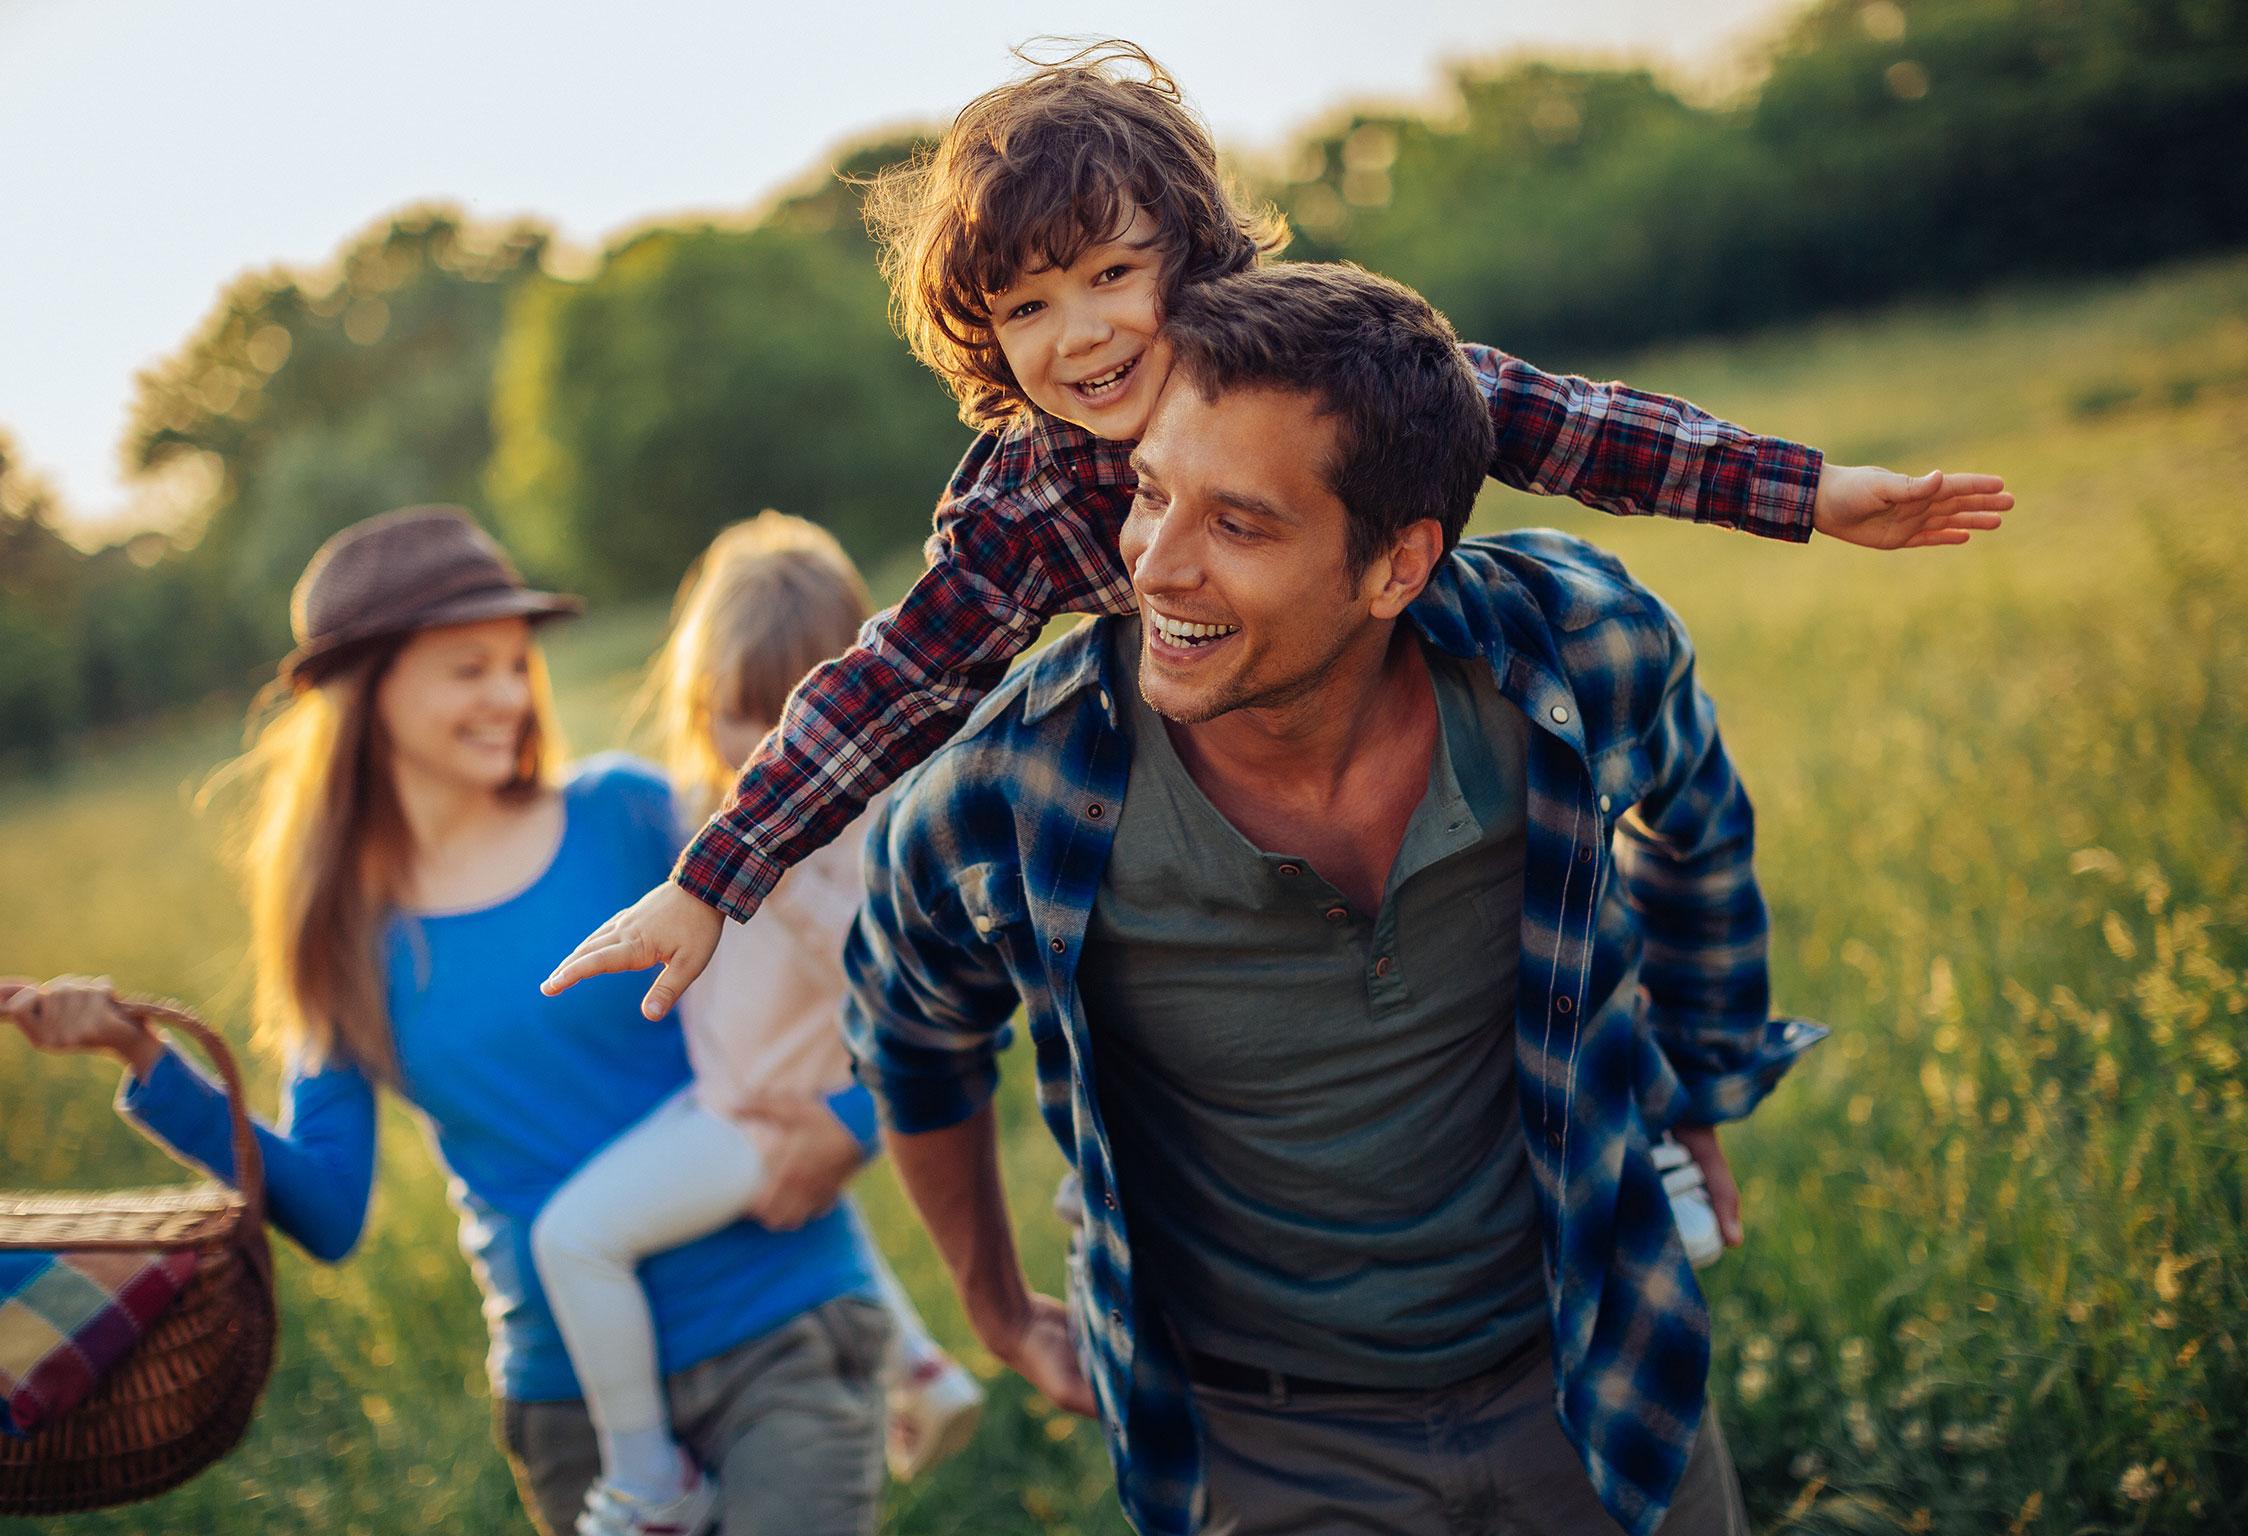 Familie auf dem Weg zum Picknick